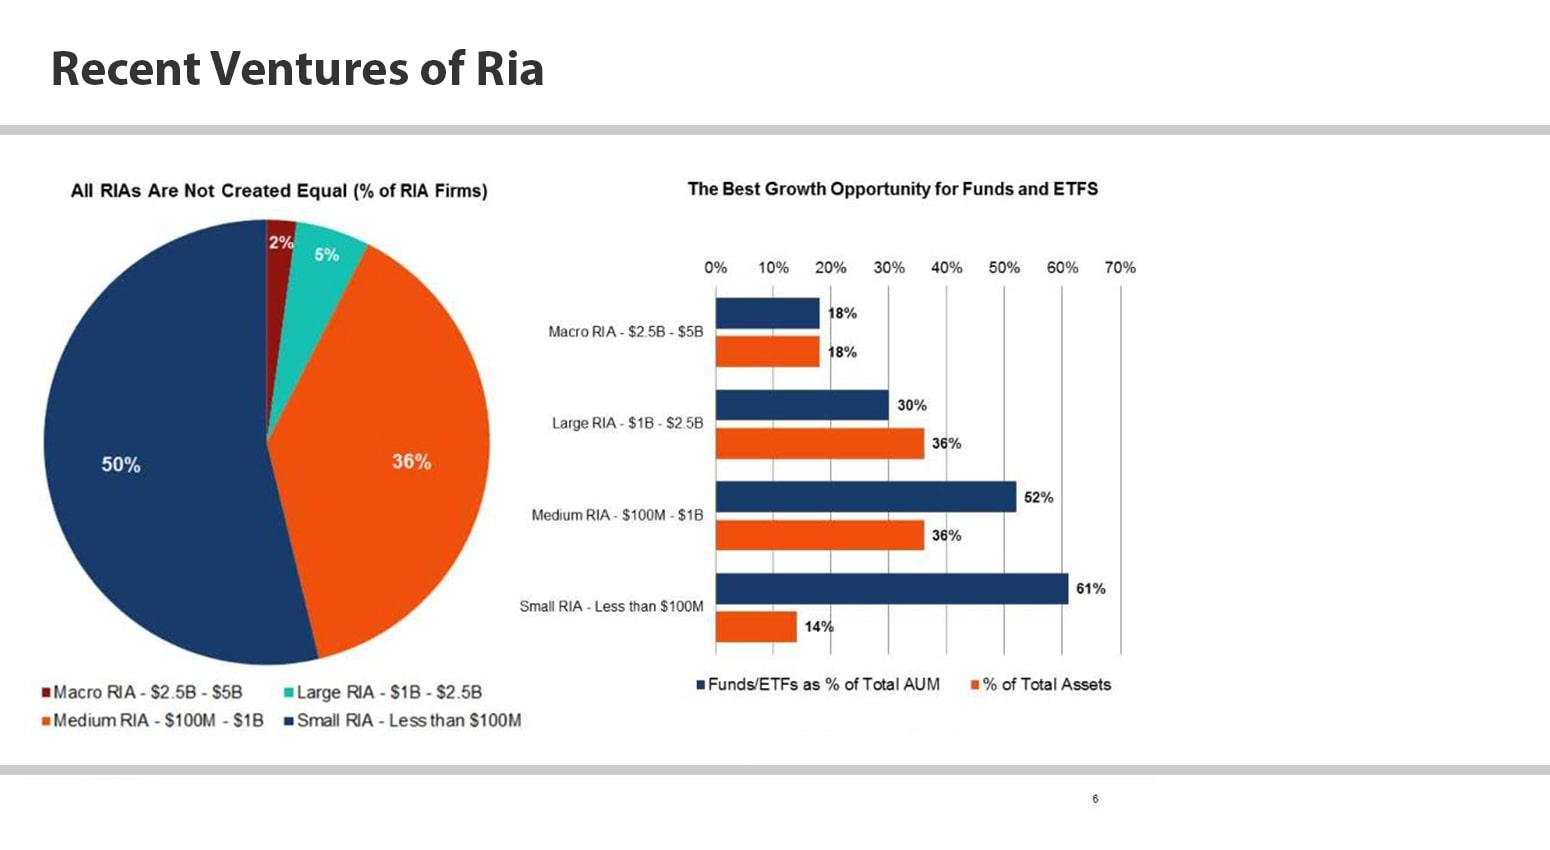 Recent Ventures of Ria